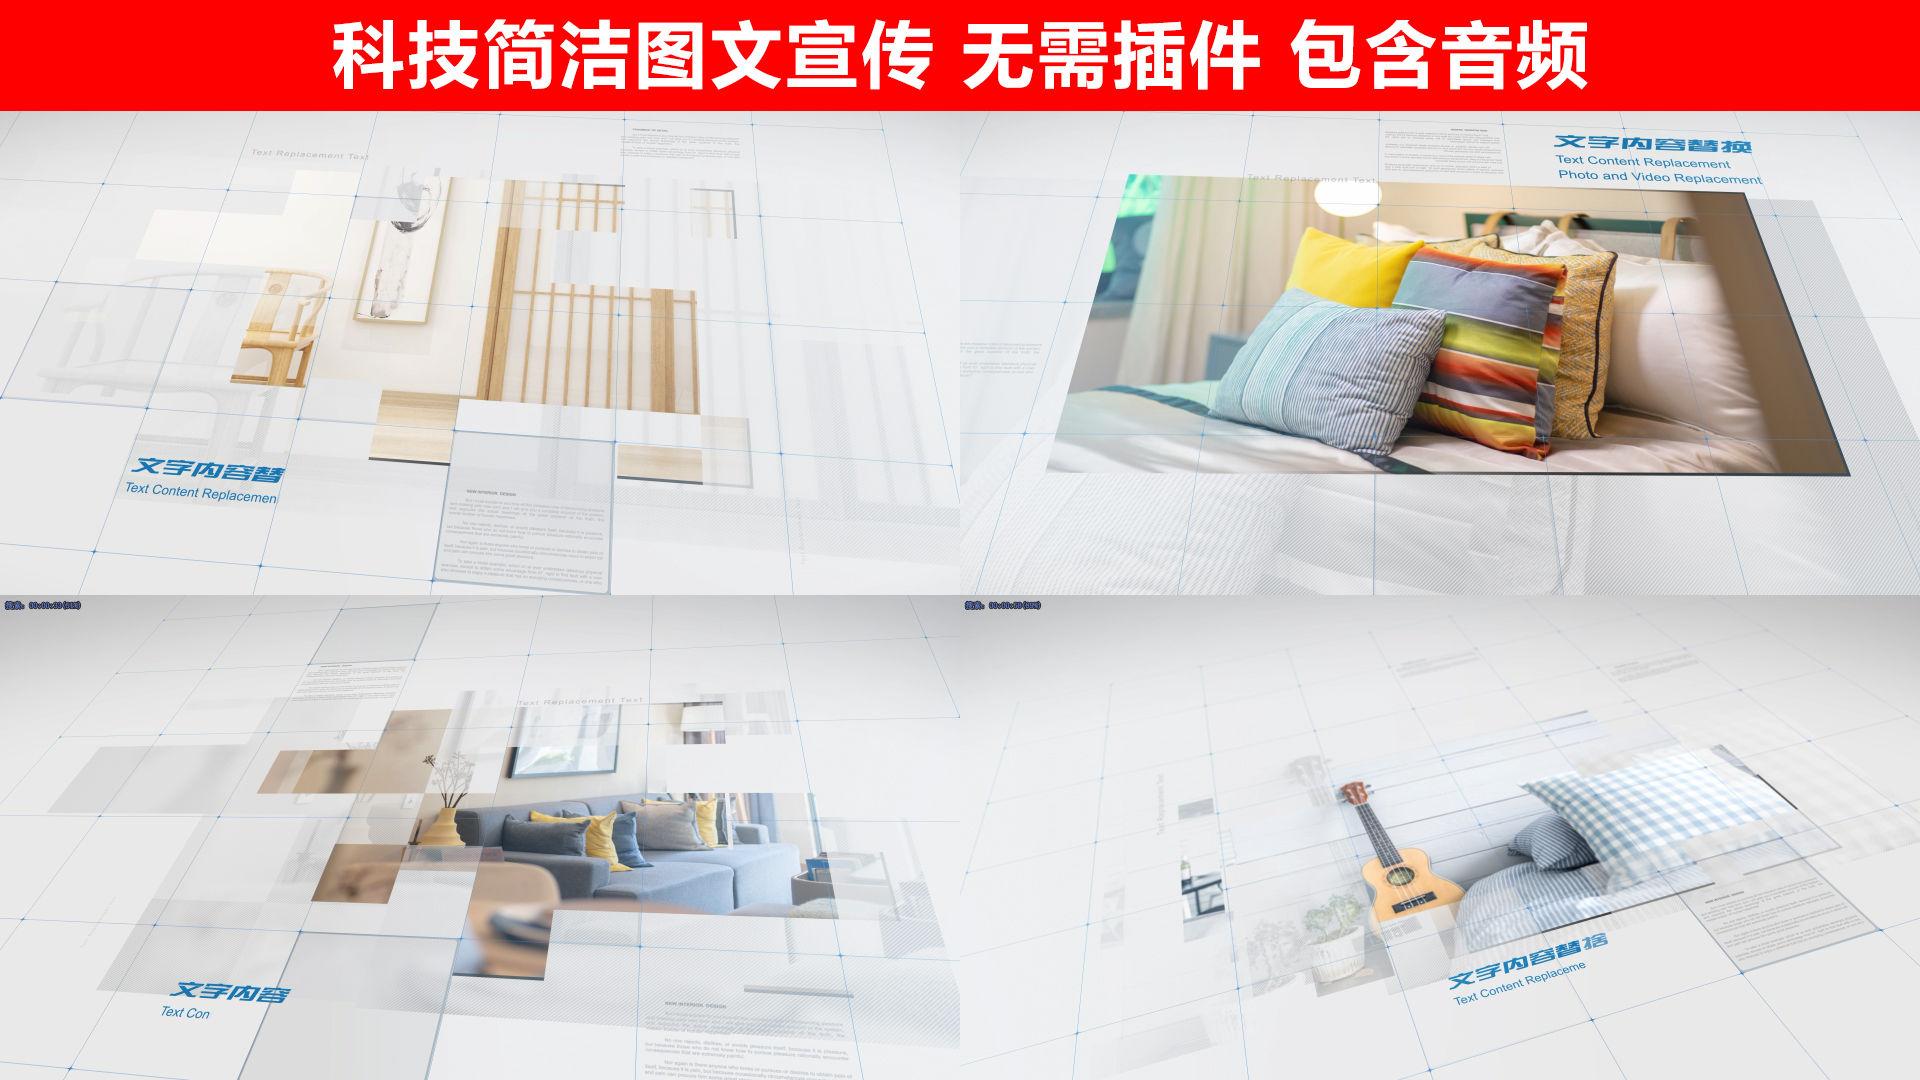 科技简洁图文宣传(白色版本)